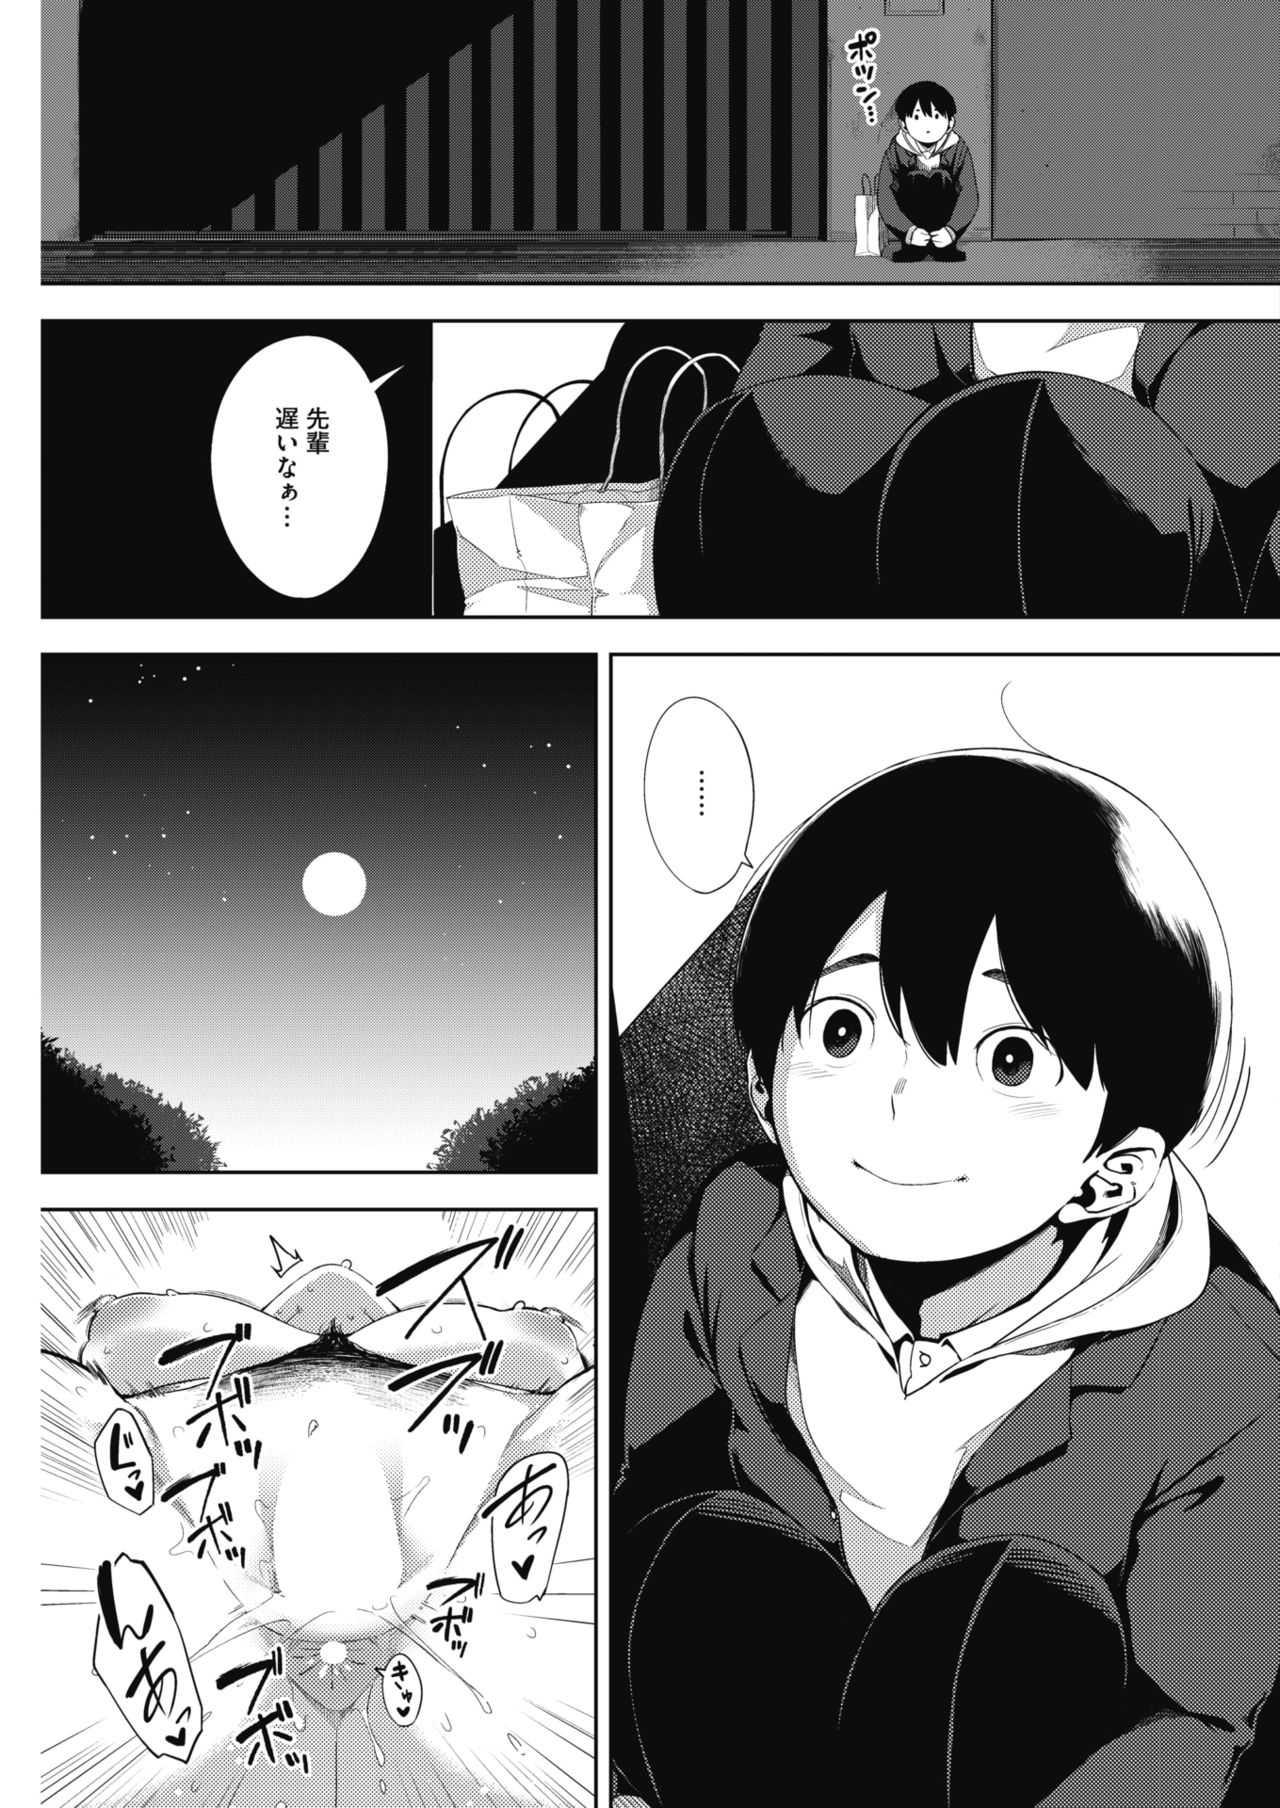 隠れビッチ エロ 漫画